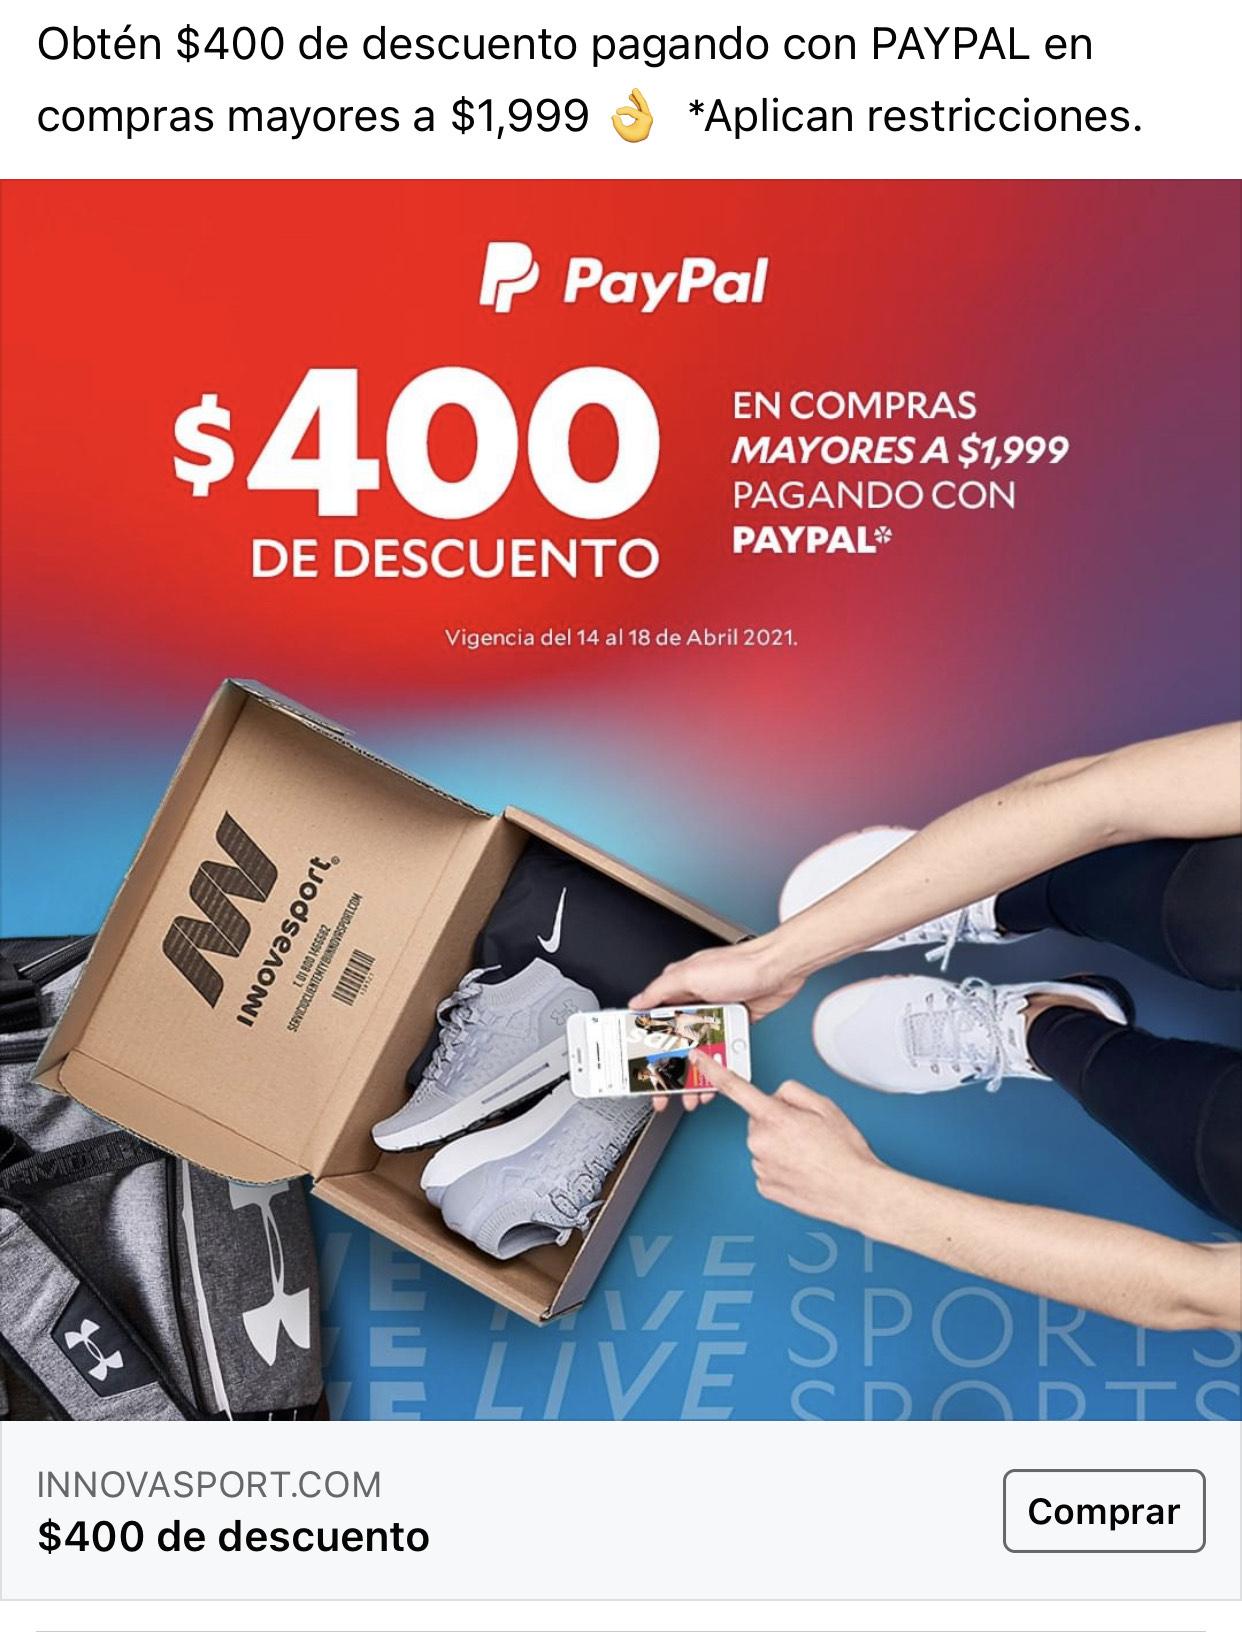 Innovasport: $400 OFF en compras mayores a $1,999 con PayPal